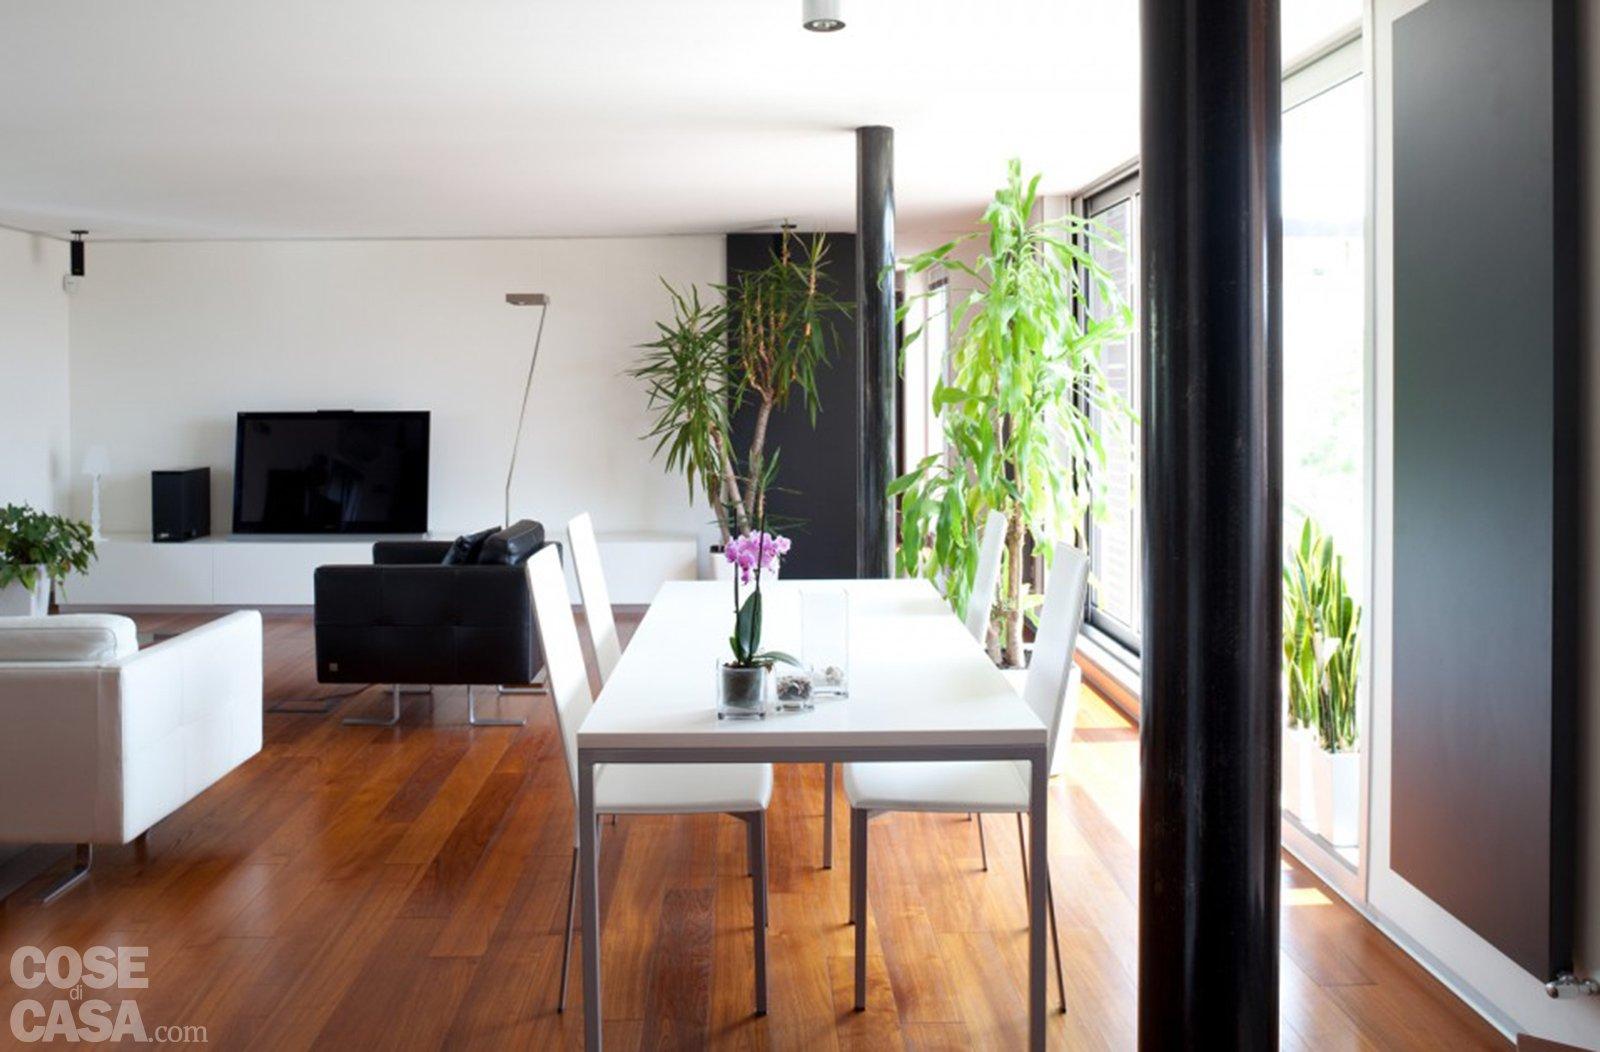 80 mq una casa per due perfetta per fare inviti cose for Immagini di una casa